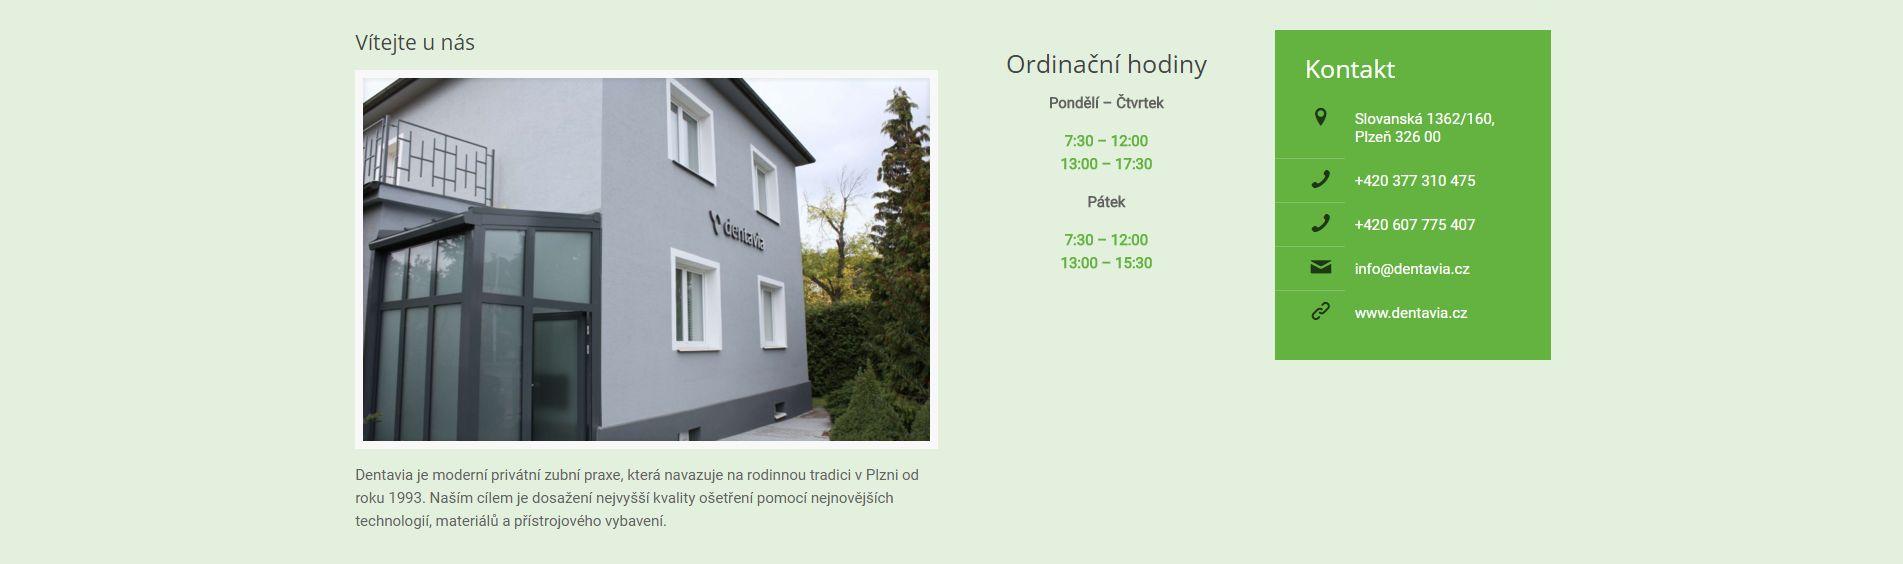 Zubní ordinace Plzeň: Akreditované pracoviště: Naše ordinace se stala od 1.12.2013 akreditovaným stomatochirurgickým pracovištěm II. typu s výukovou složkou.